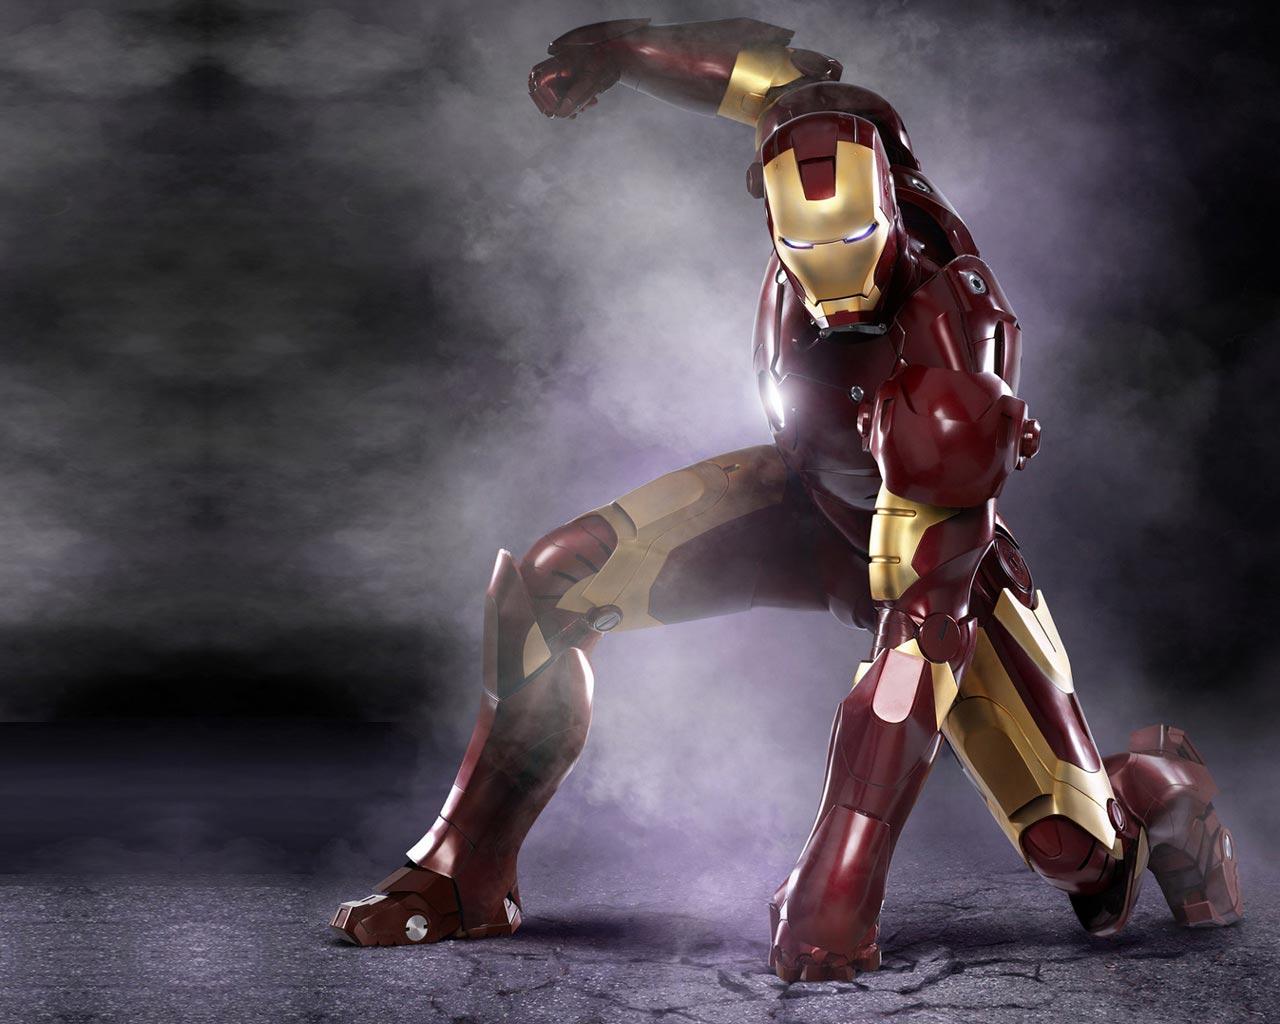 http://2.bp.blogspot.com/-iDFVmN2XkCg/UOr8dTJQ23I/AAAAAAAAF1g/Ng_BoMF5b_4/s1600/Iron+man+3+(7).jpg